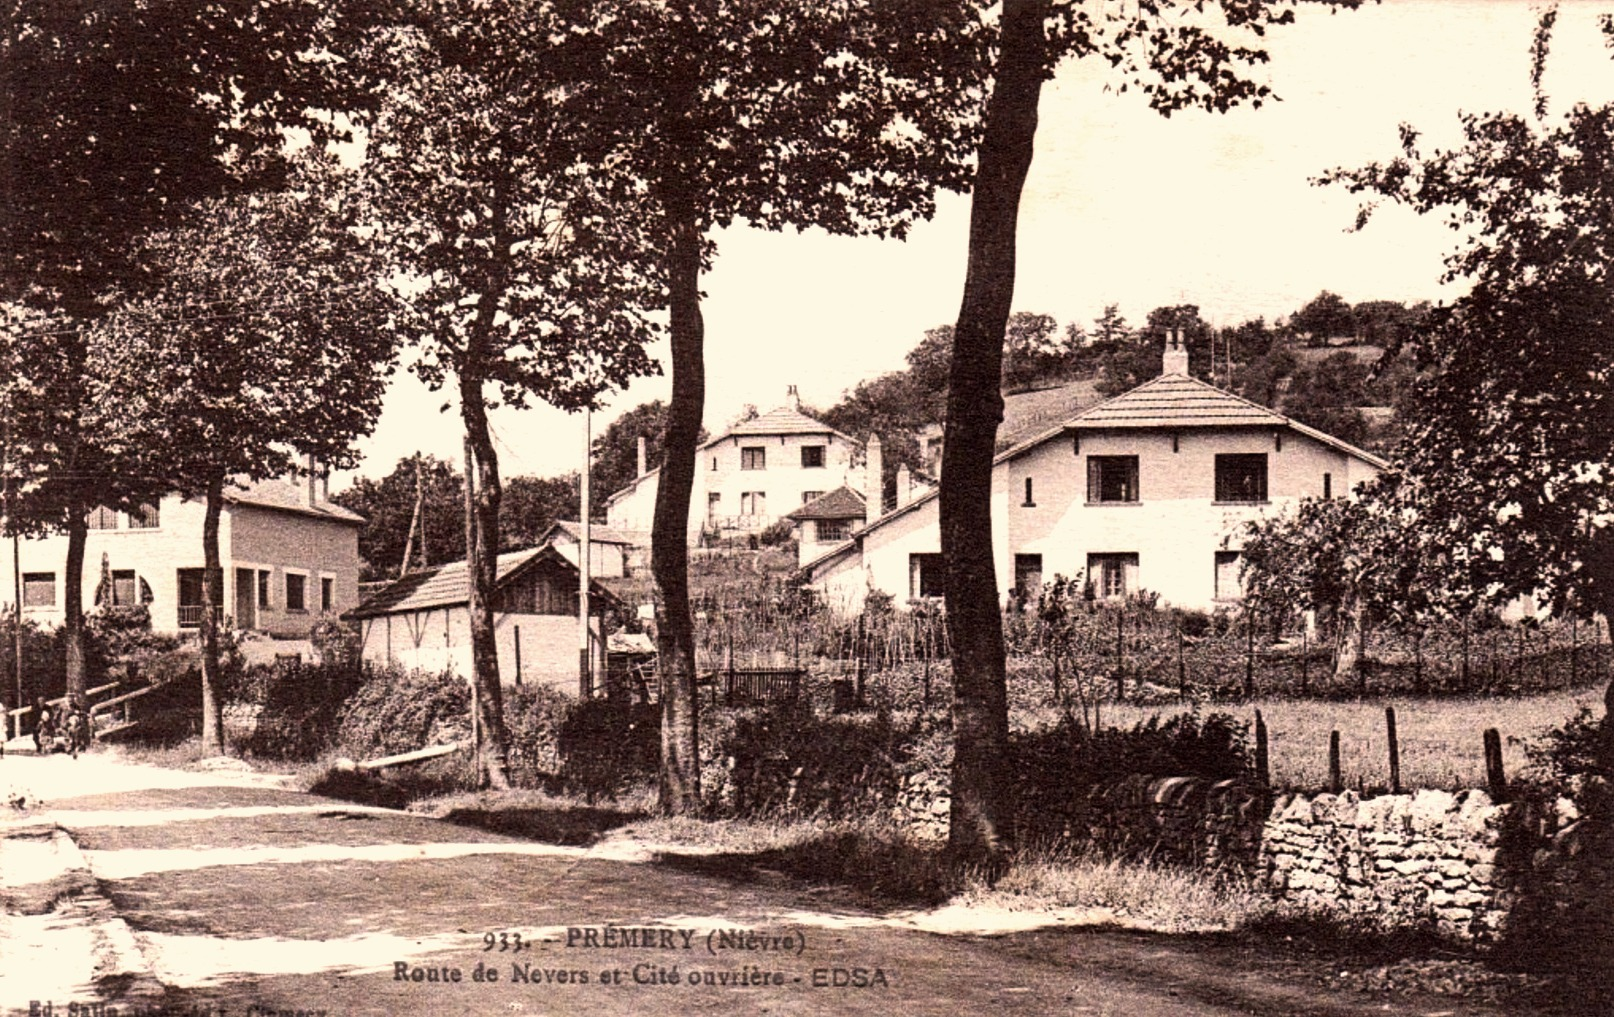 Prémery (Nièvre) La route de Nevers CPA